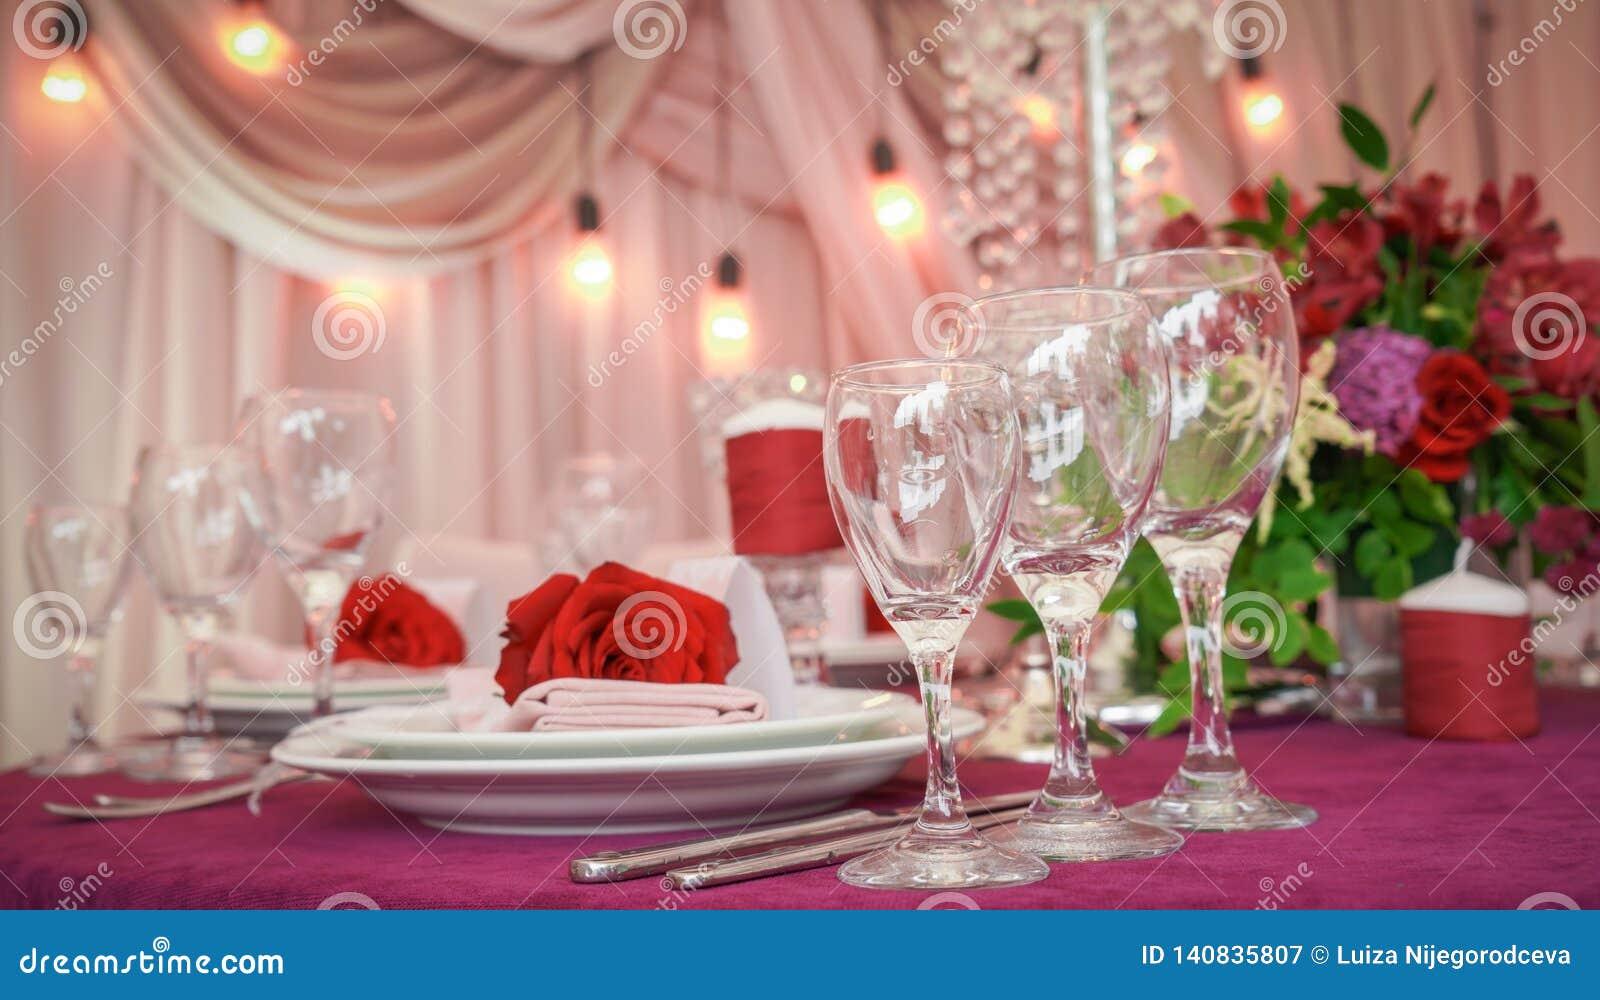 Decoração festiva da tabela com flores e vidros vermelhos